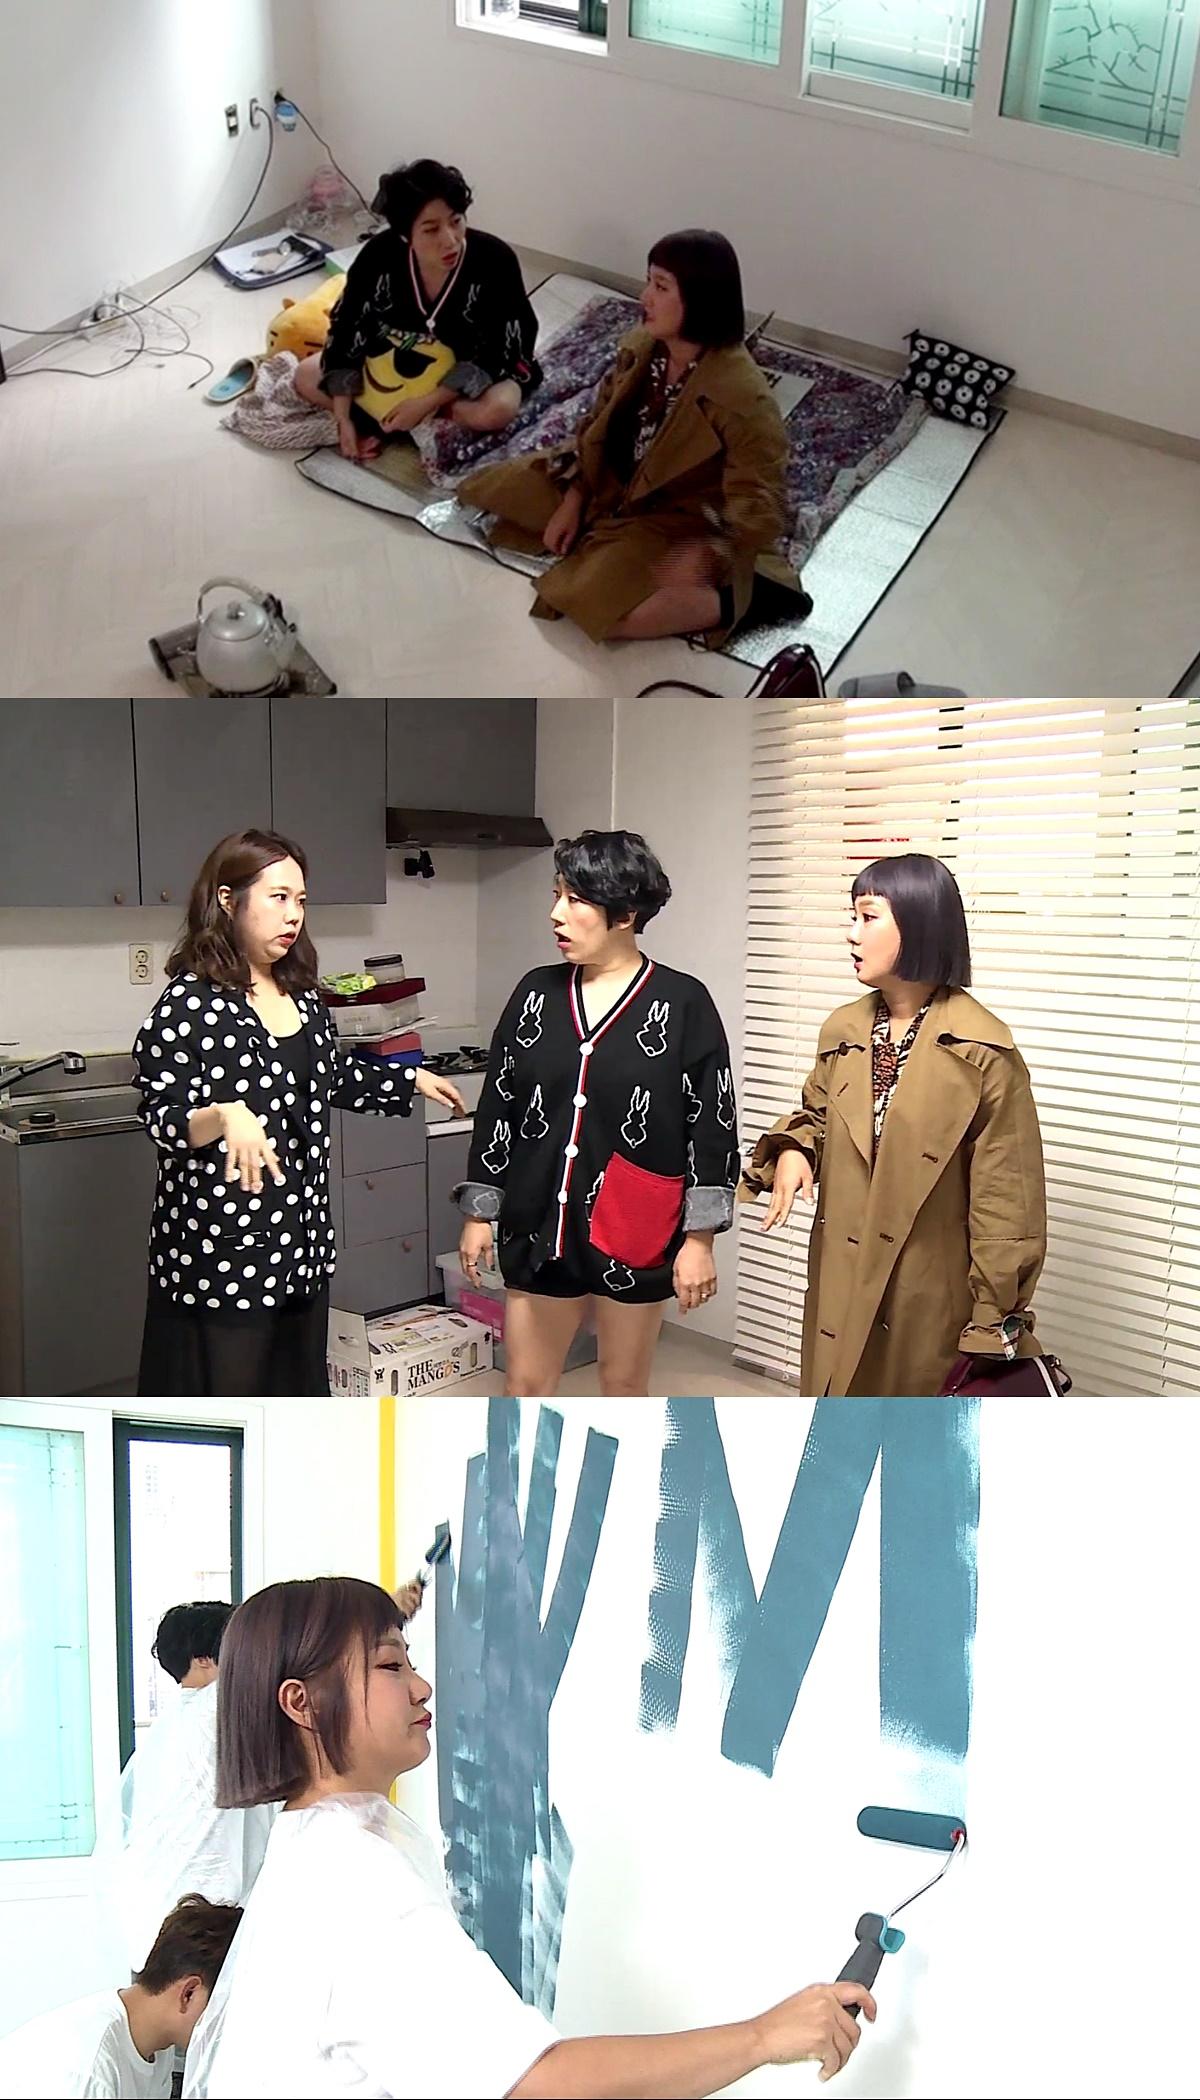 '나 혼자 산다' 홍현희♥제이쓴, 미(美)치도록 감각적인 '신혼집' 공개